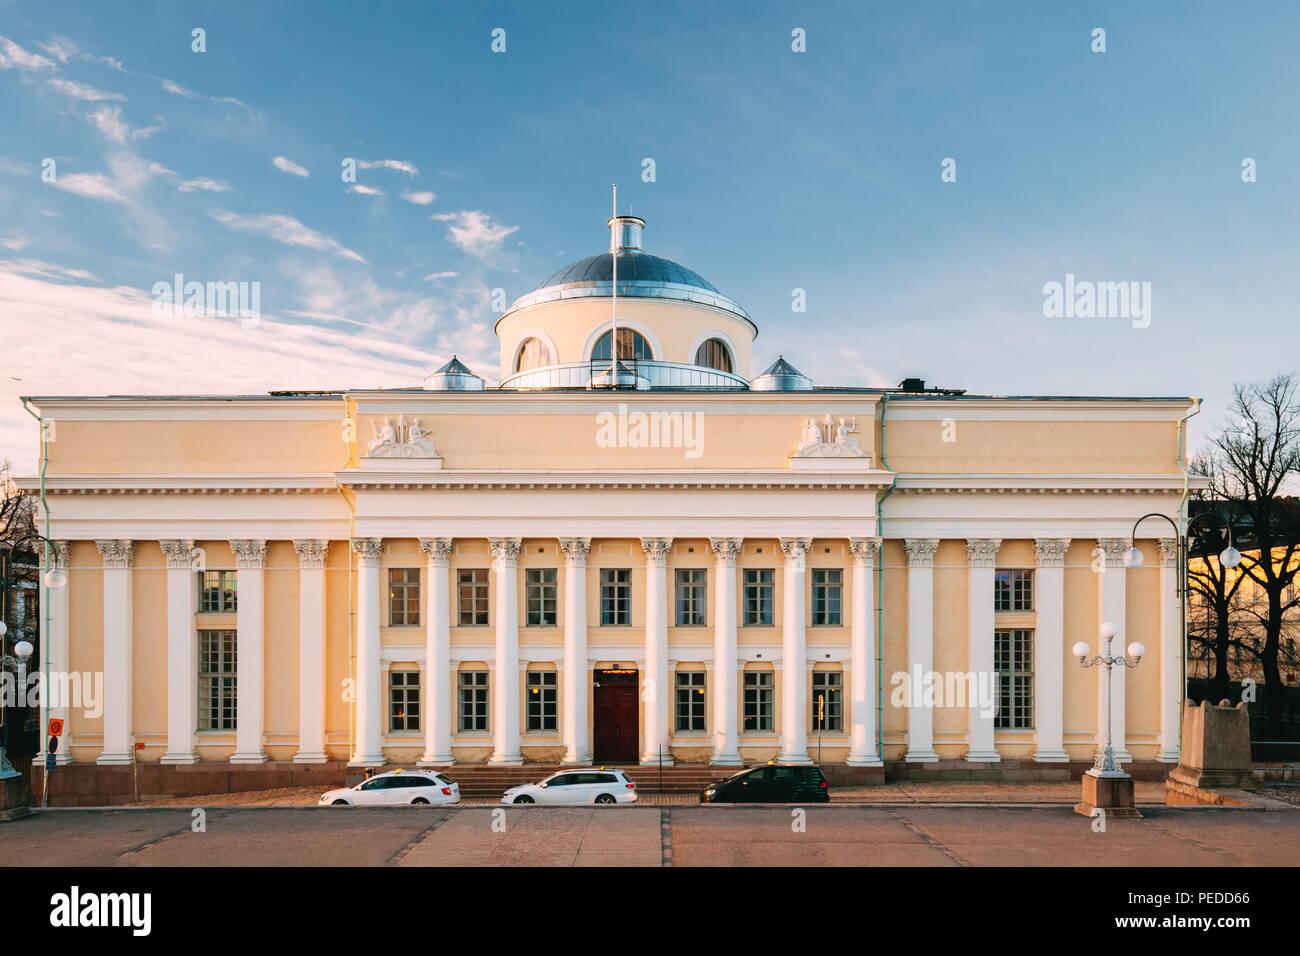 Helsinki, Finlandia. Vista della Biblioteca nazionale della Finlandia. Dal punto di vista amministrativo la biblioteca è parte dell'Università di Helsinki. Famoso punto di riferimento. Immagini Stock